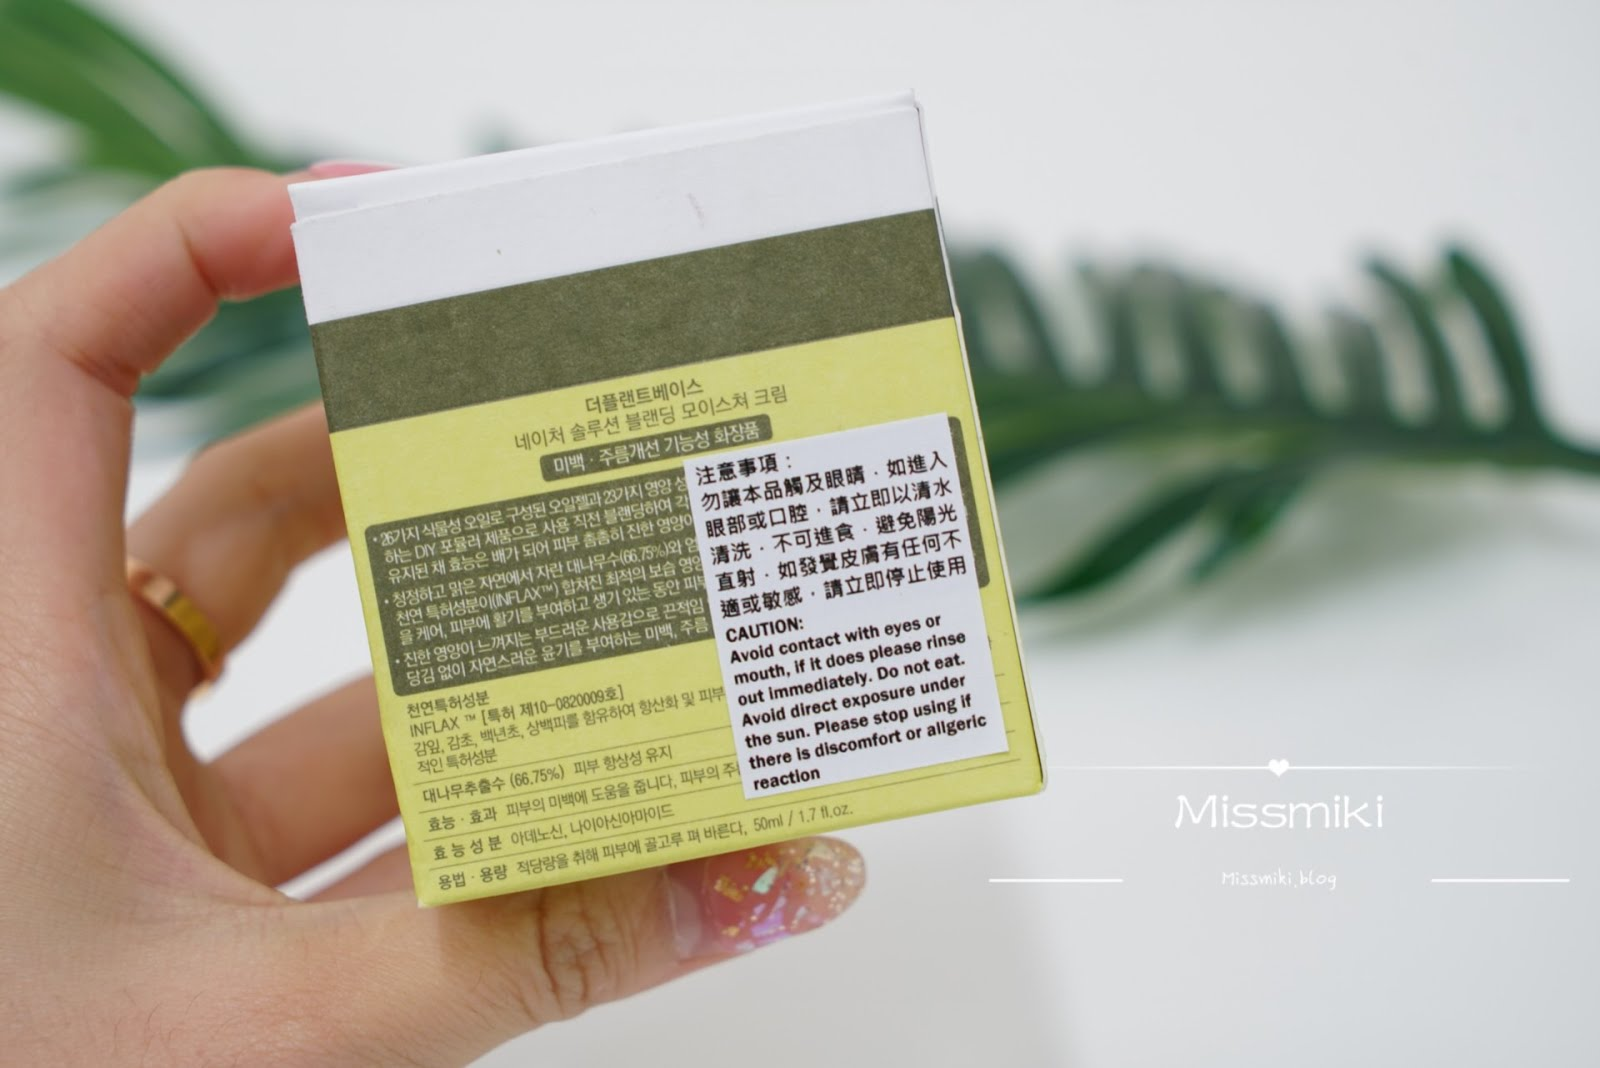 純天然植物提取|韓國品牌 The-Plant Base 天然翠竹混合滋潤面霜 IMG 0925